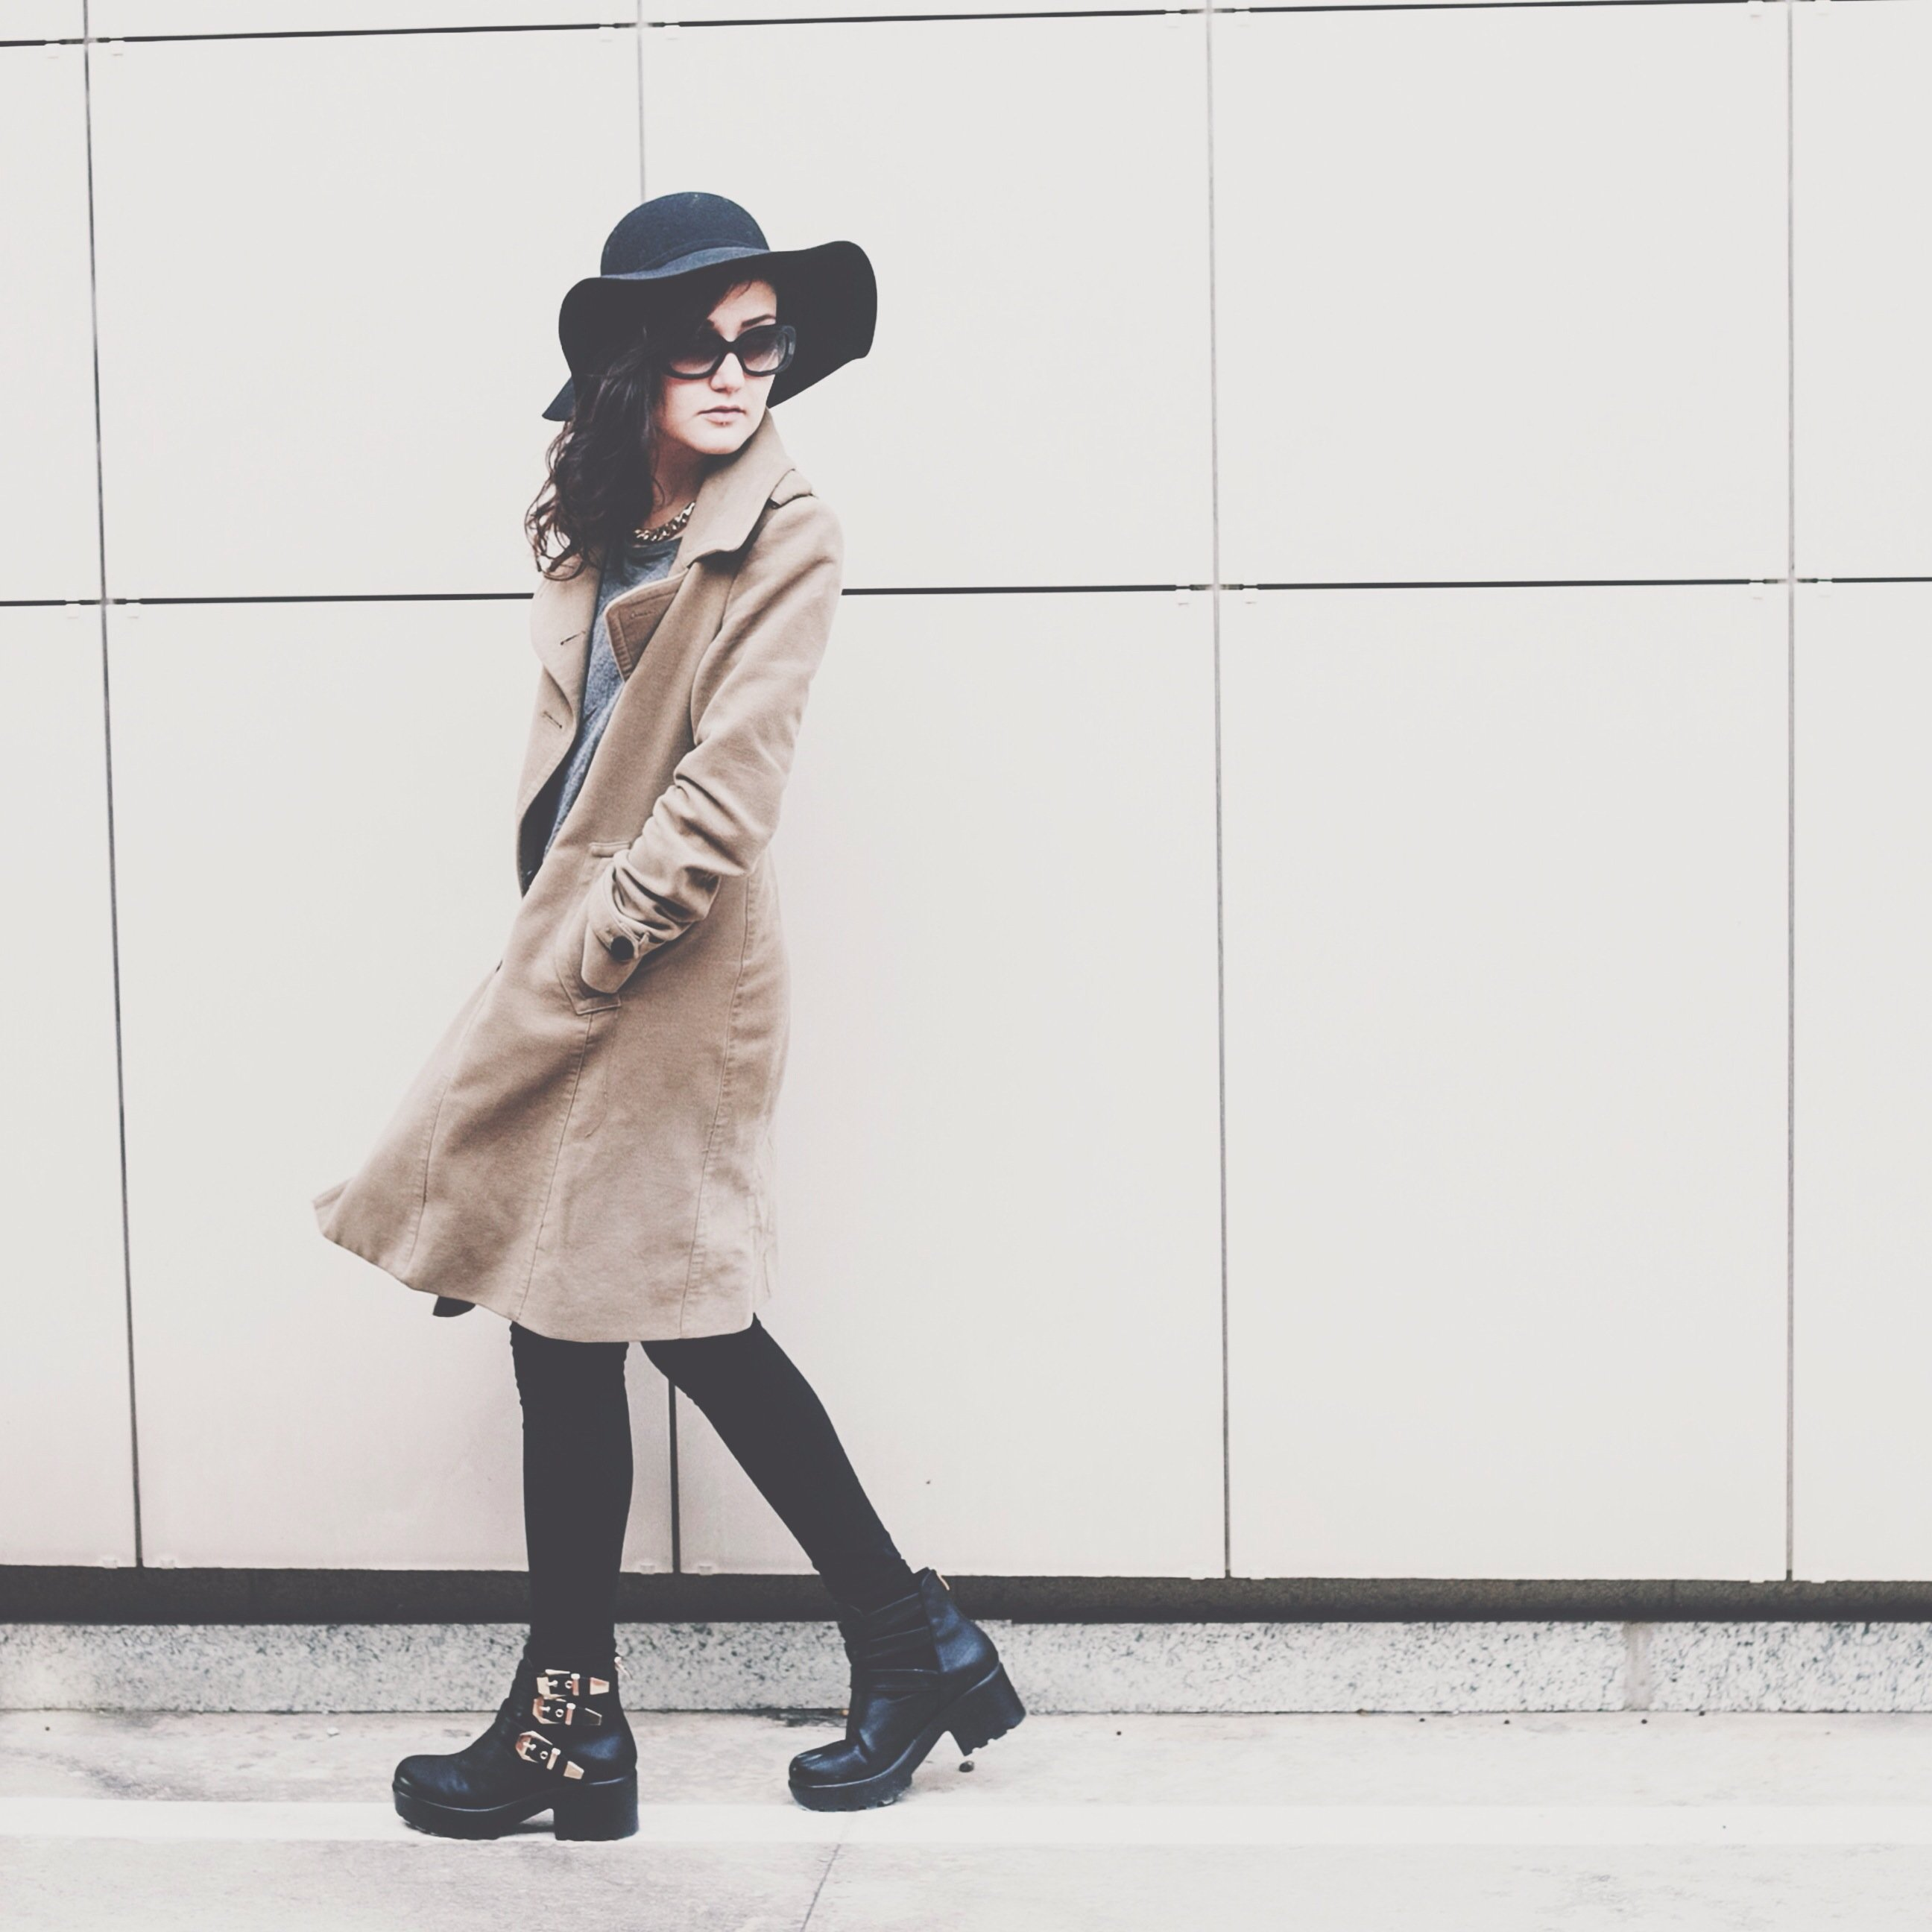 Mulher andando na rua olhando para trás usando sobretudo e botas